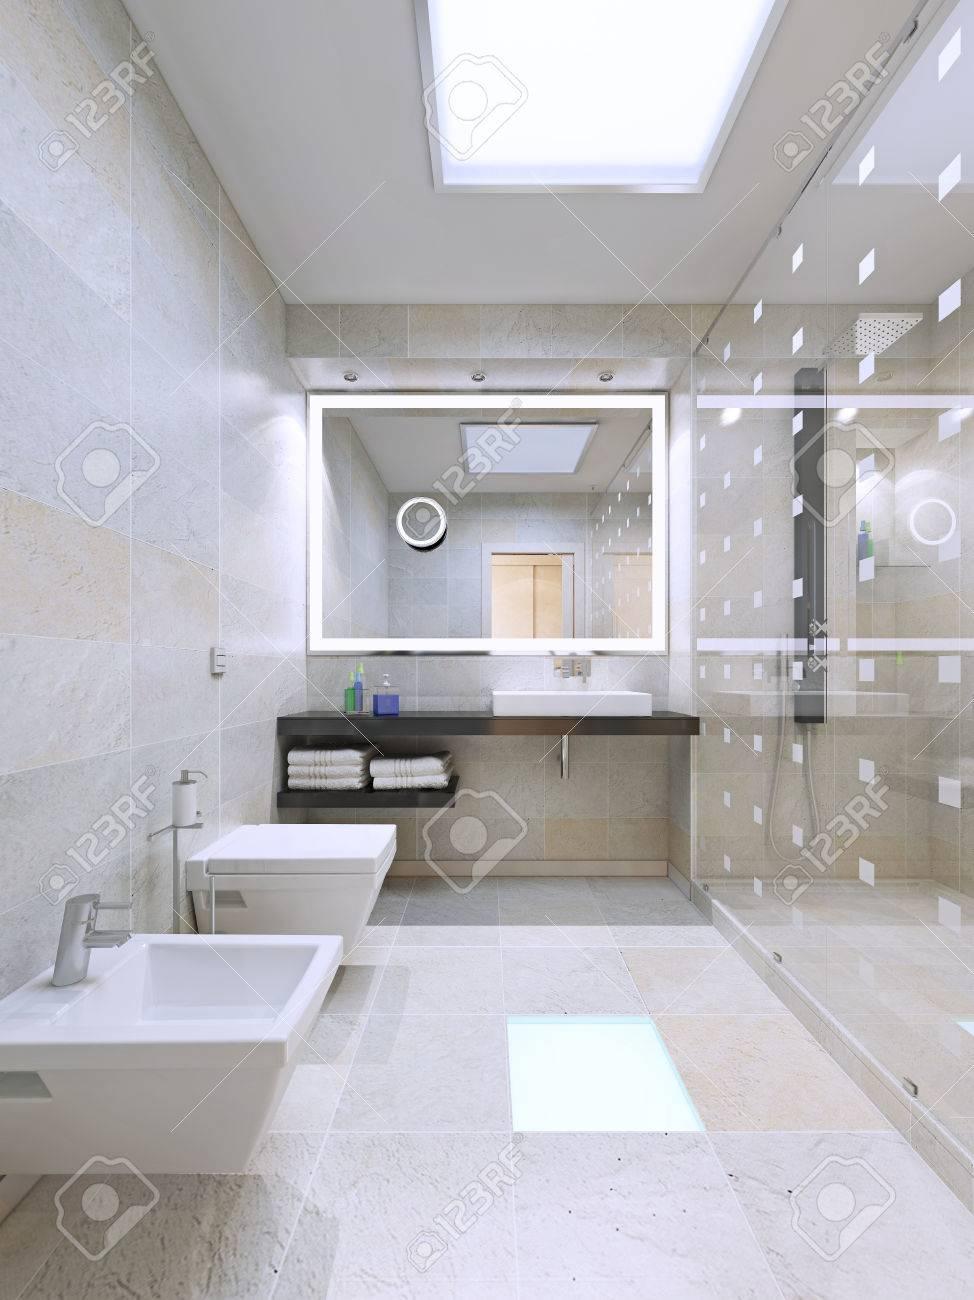 Großes Badezimmer Mit Dusche. 3D übertragen Lizenzfreie Fotos ...